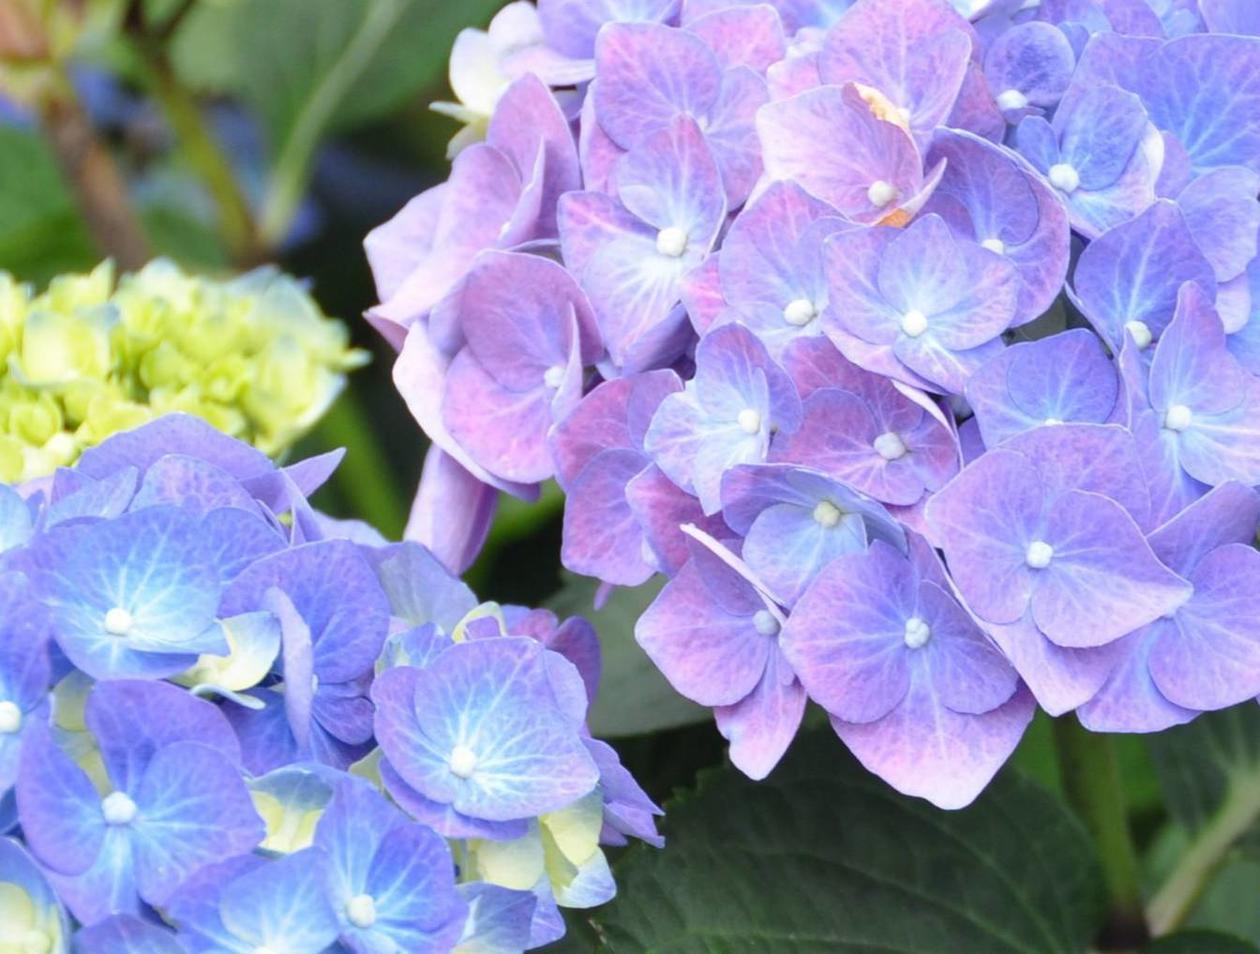 Gut bekannt Wie sich die Blüten von Hortensien haltbar machen lassen | Landkreis CI43